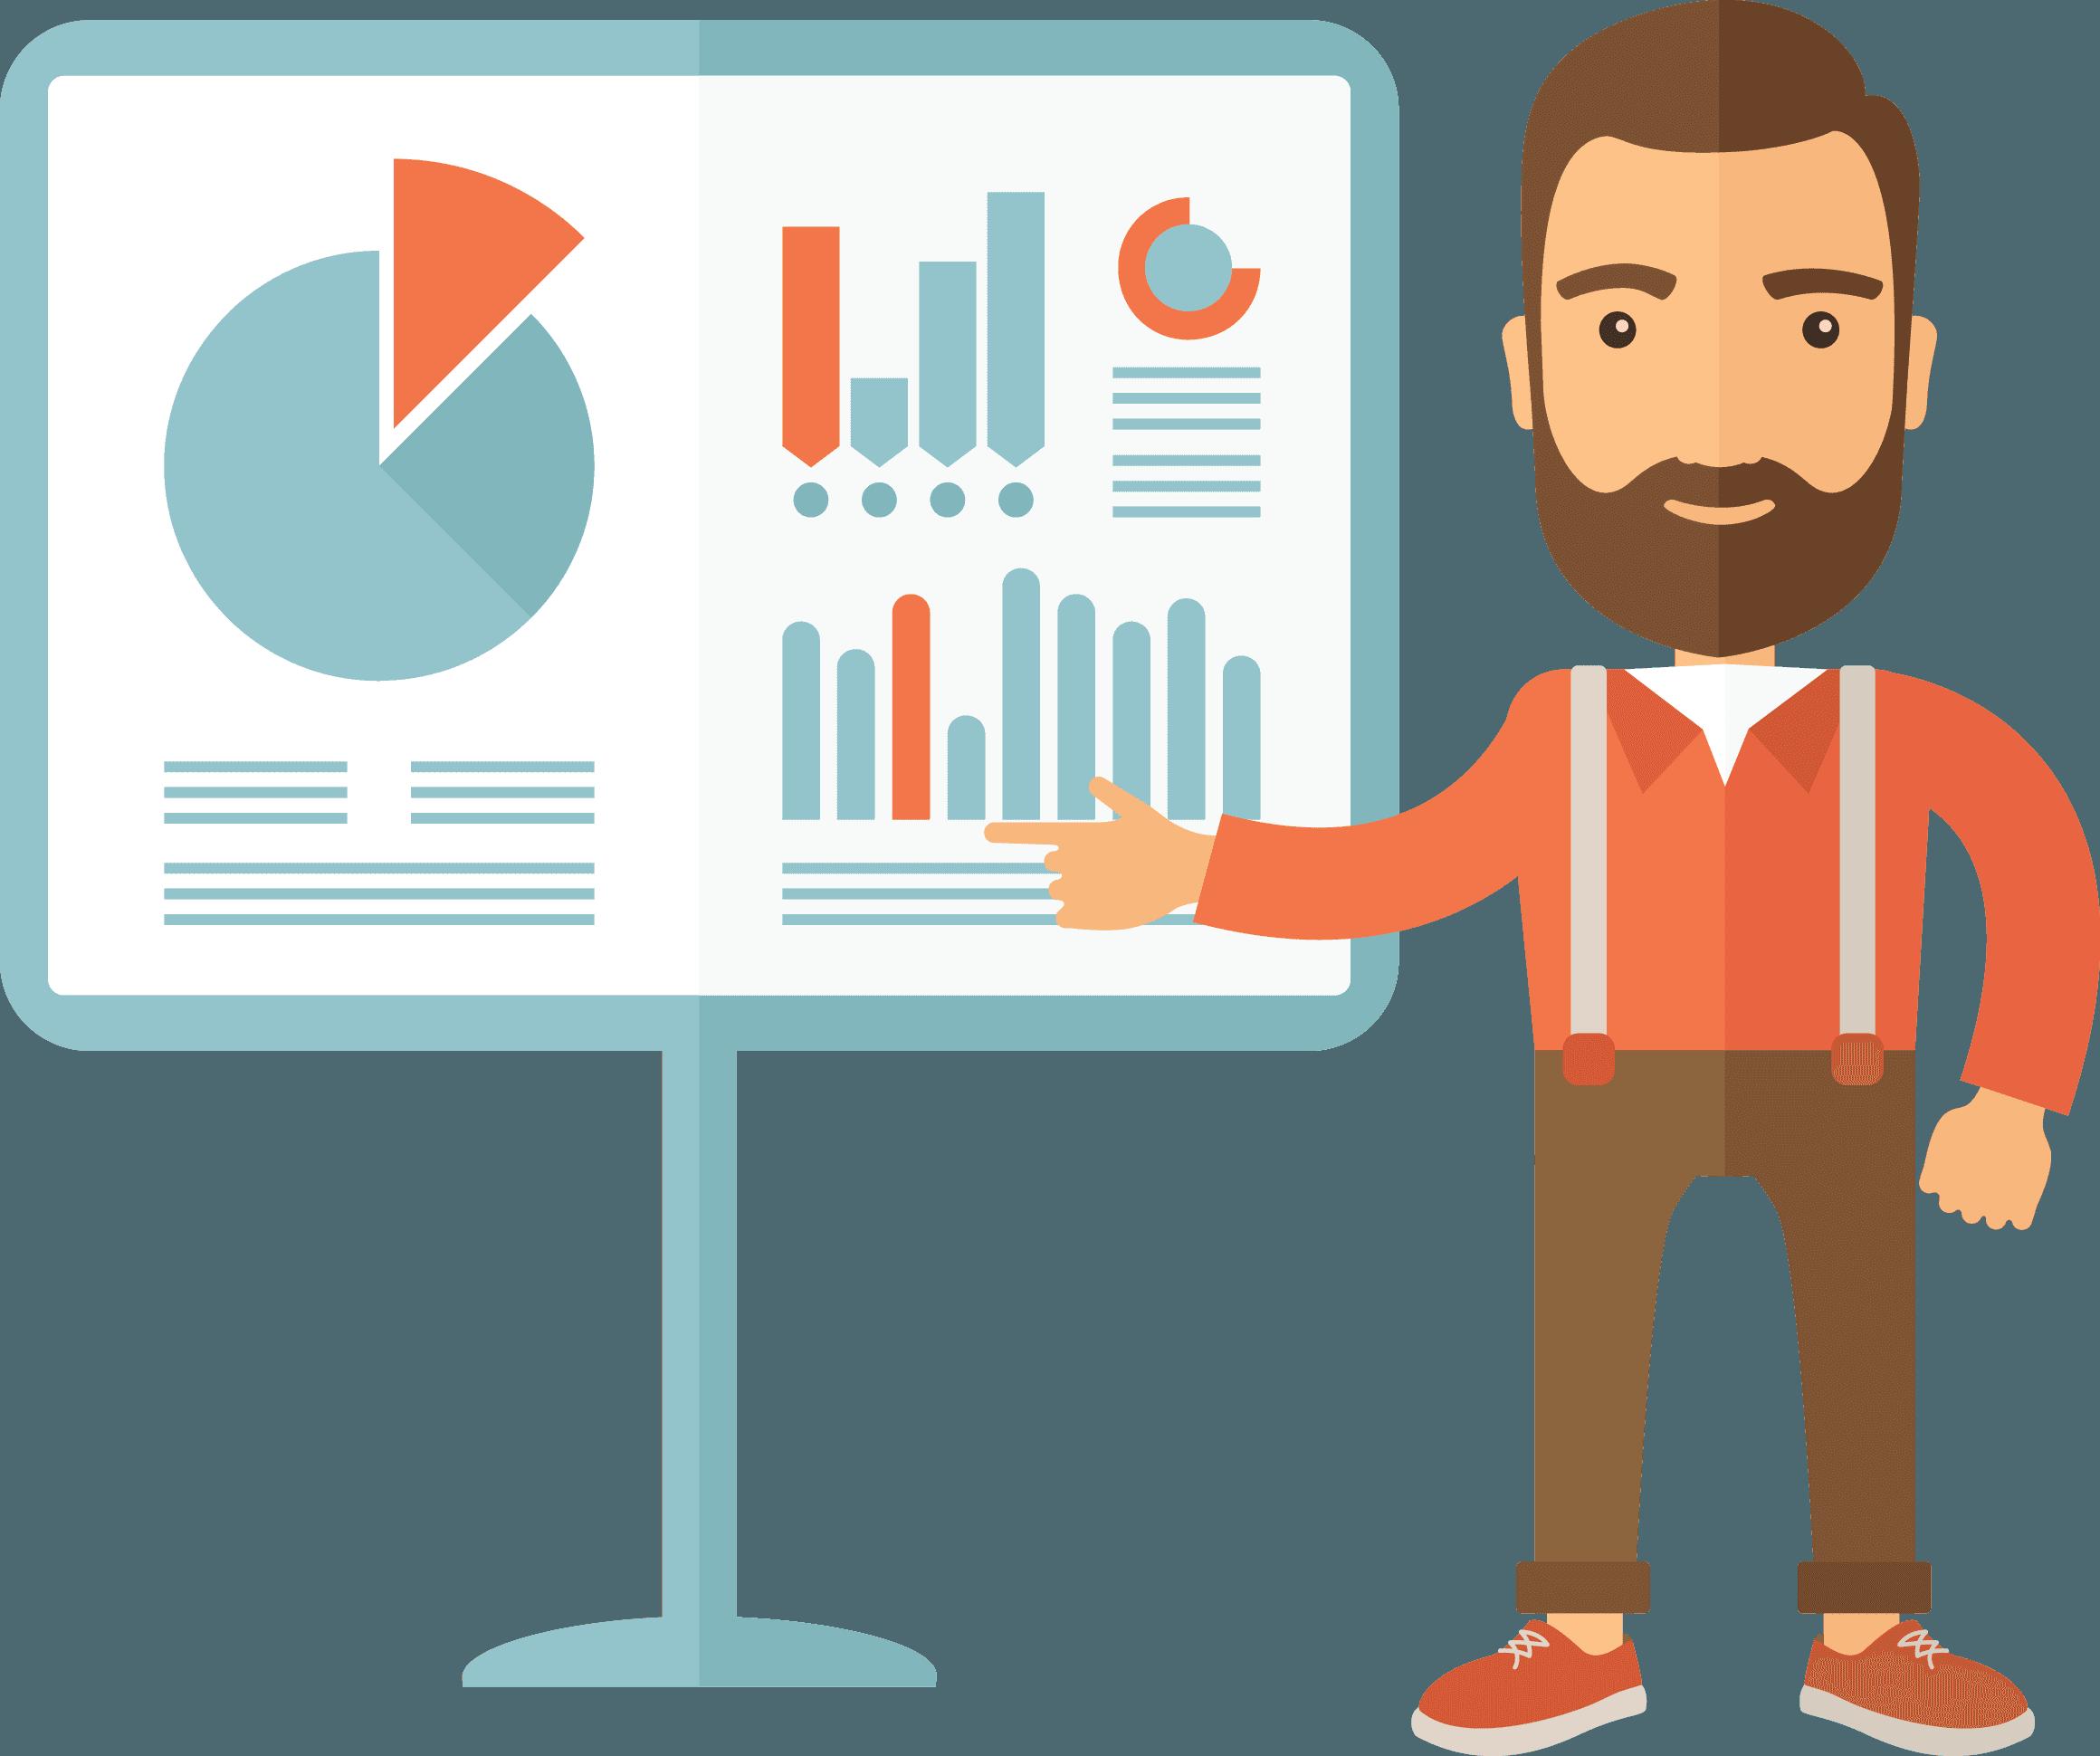 Man showing Mosspaper analytics